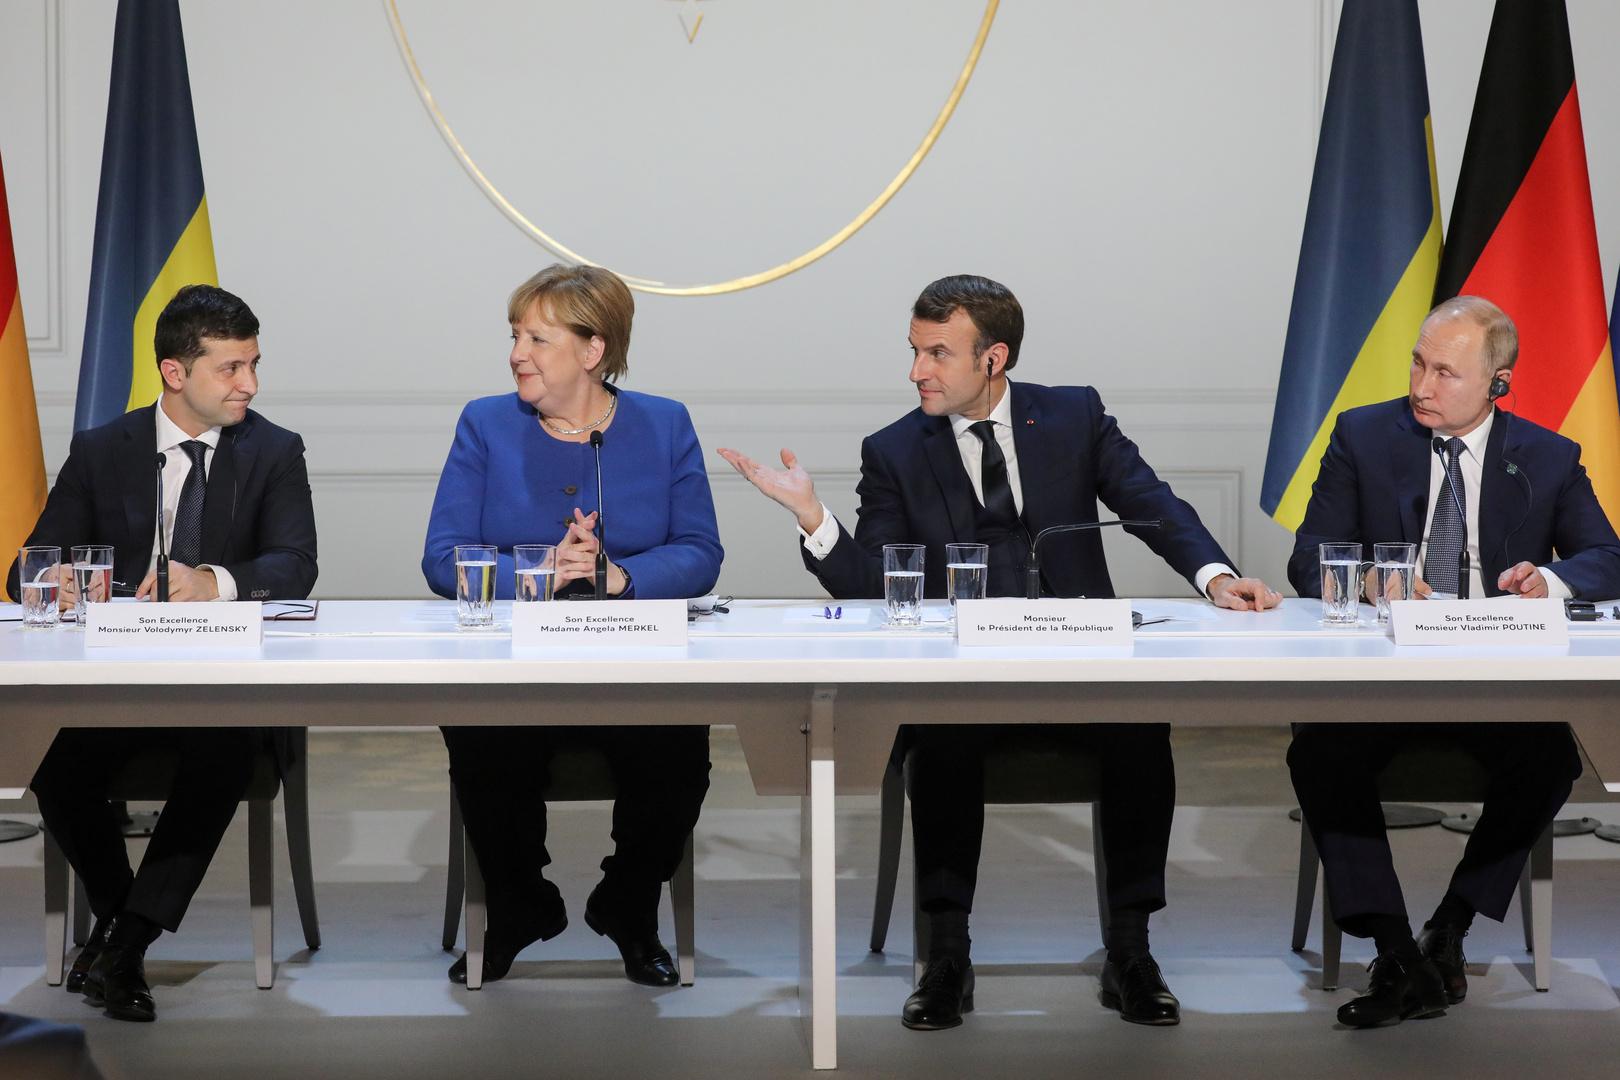 ما حاجة ترامب إلى السلام بين موسكو وكييف؟